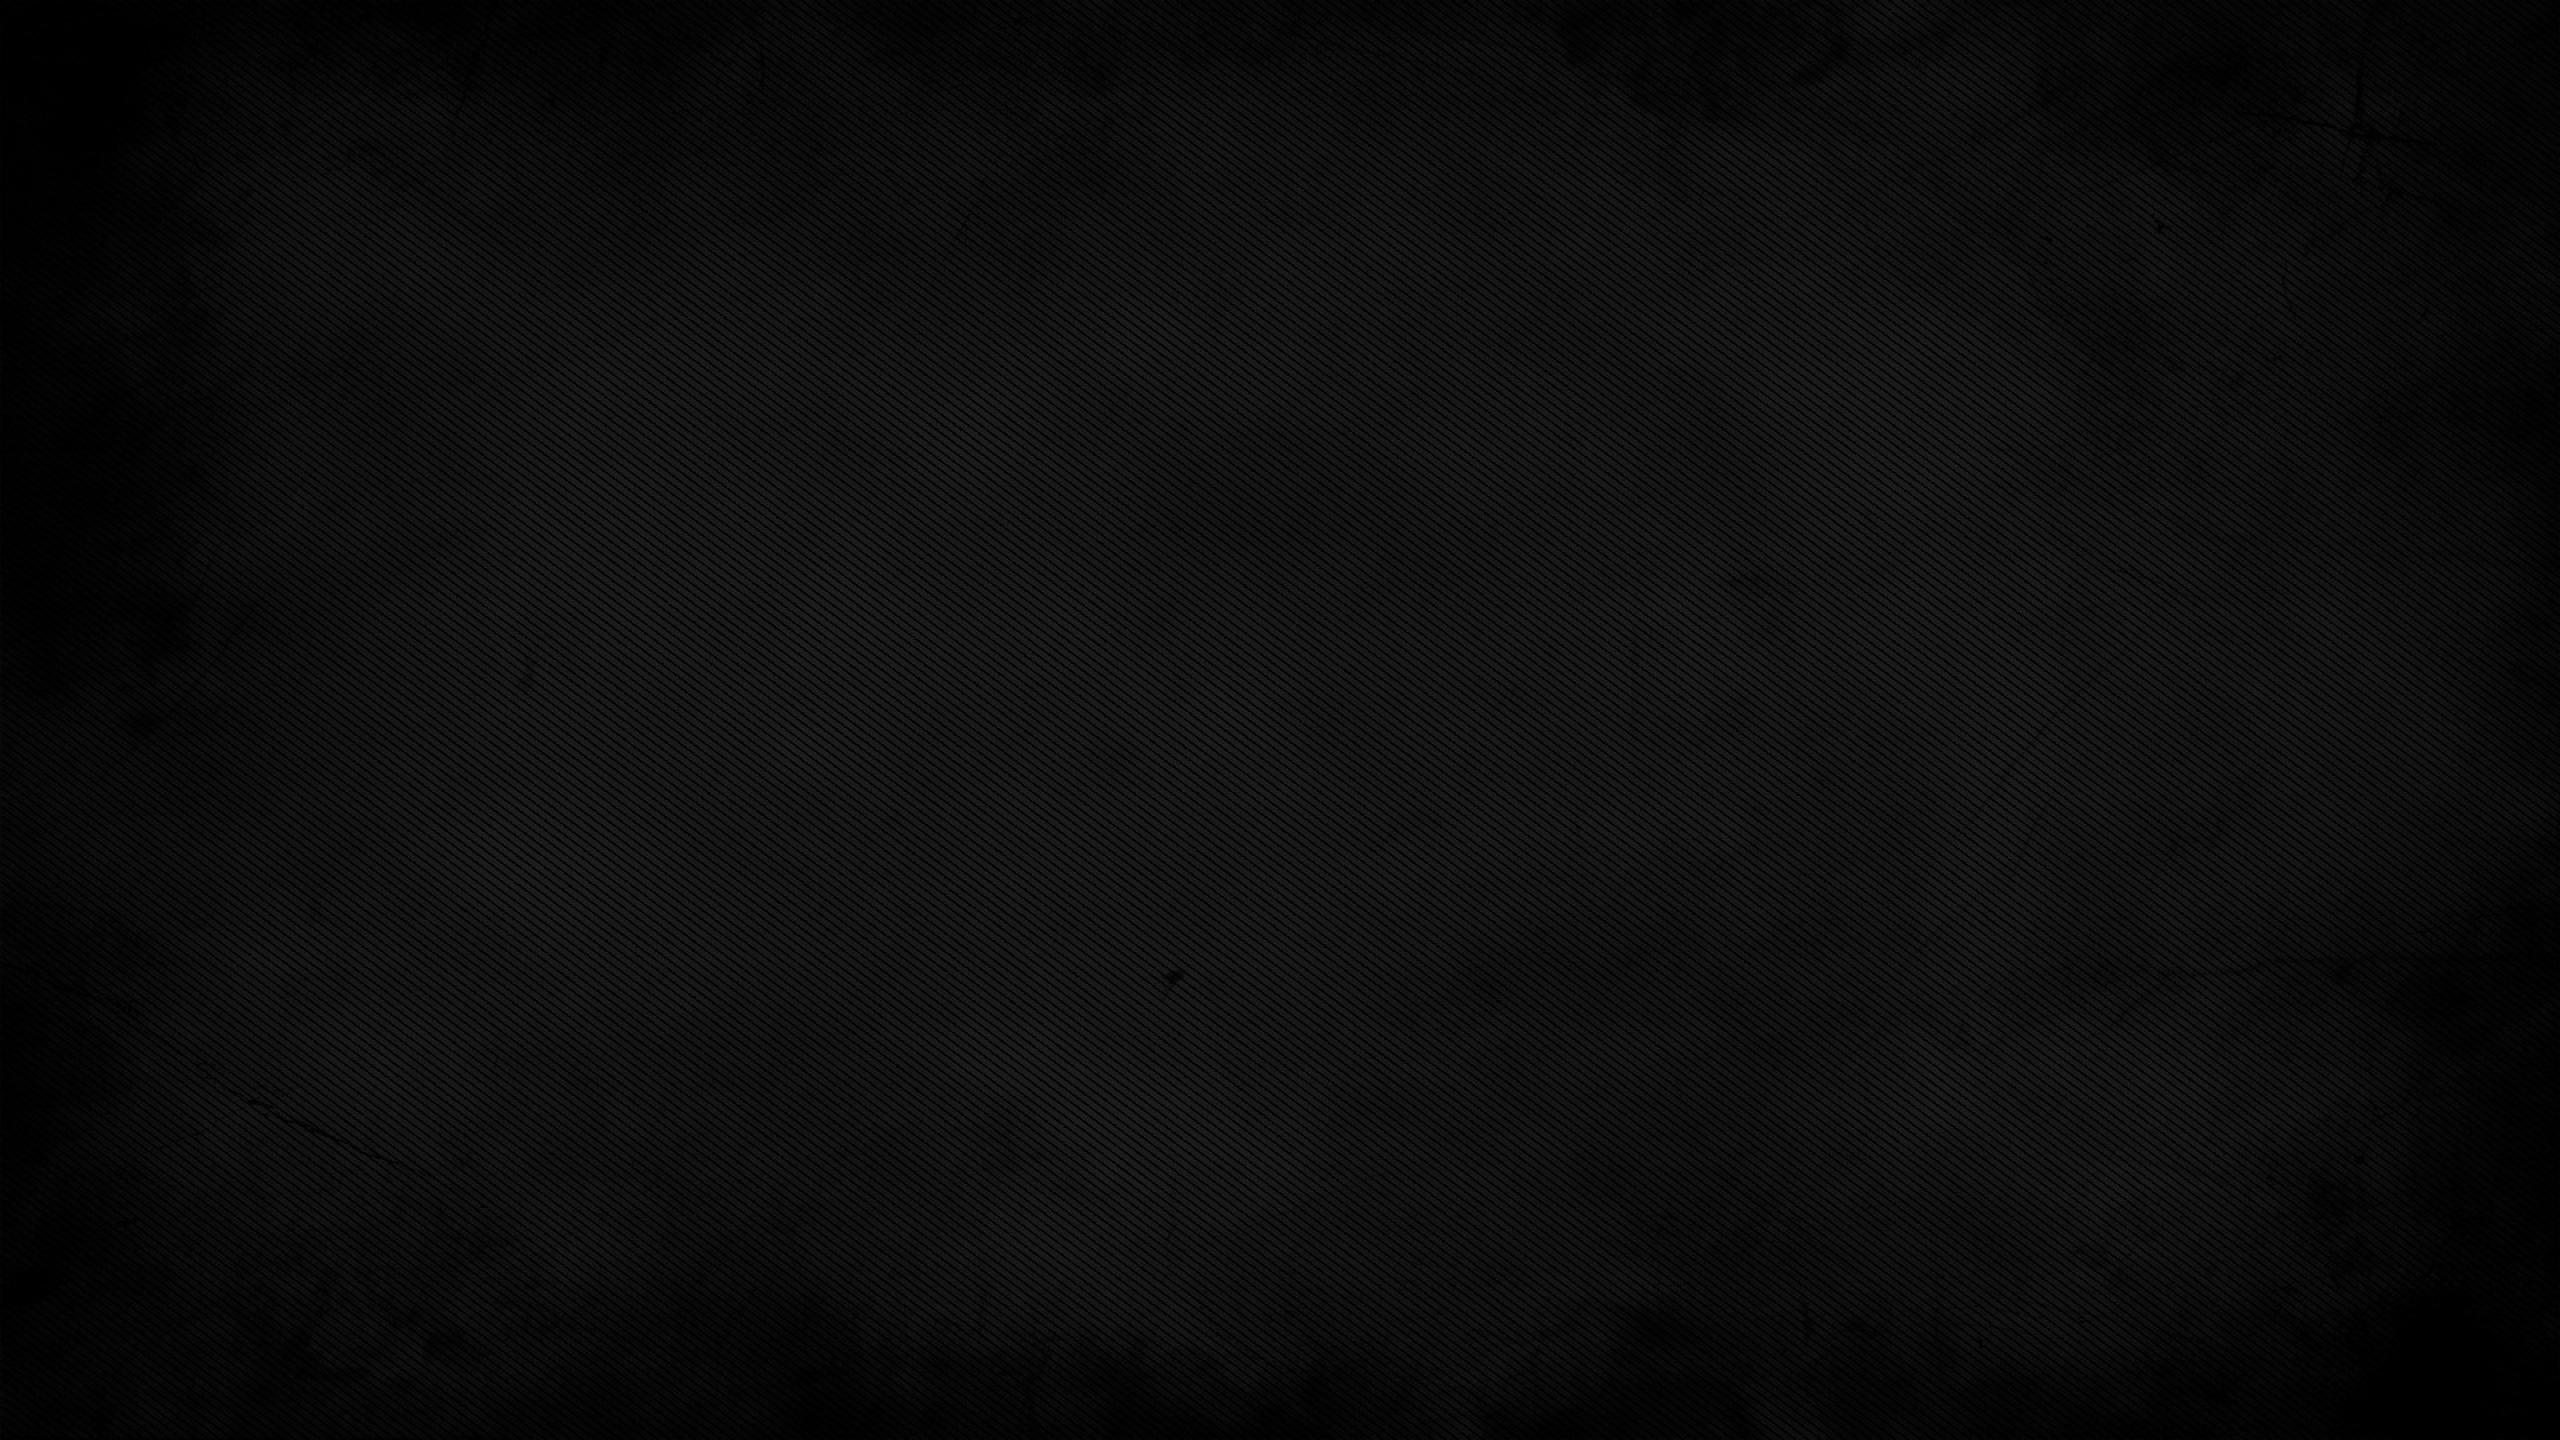 2560x1440 black wallpaper wallpapersafari